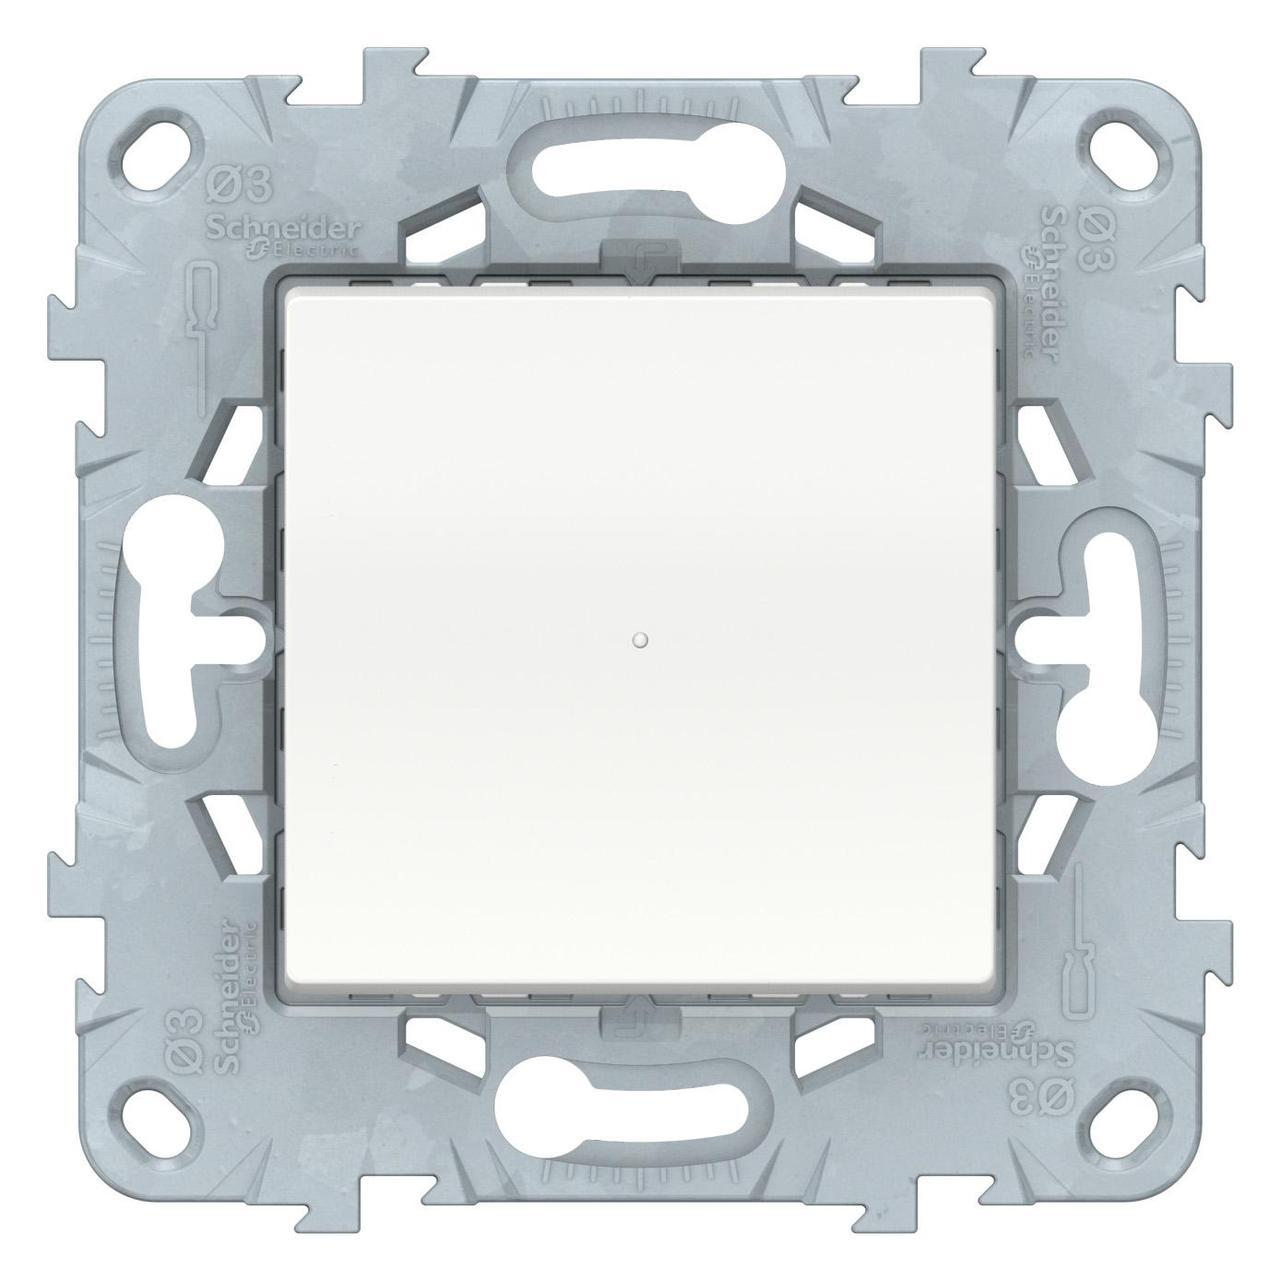 Диммер нажимной (кнопочный) 300Вт универсальный , Белый, серия Unica New, Schneider Electric